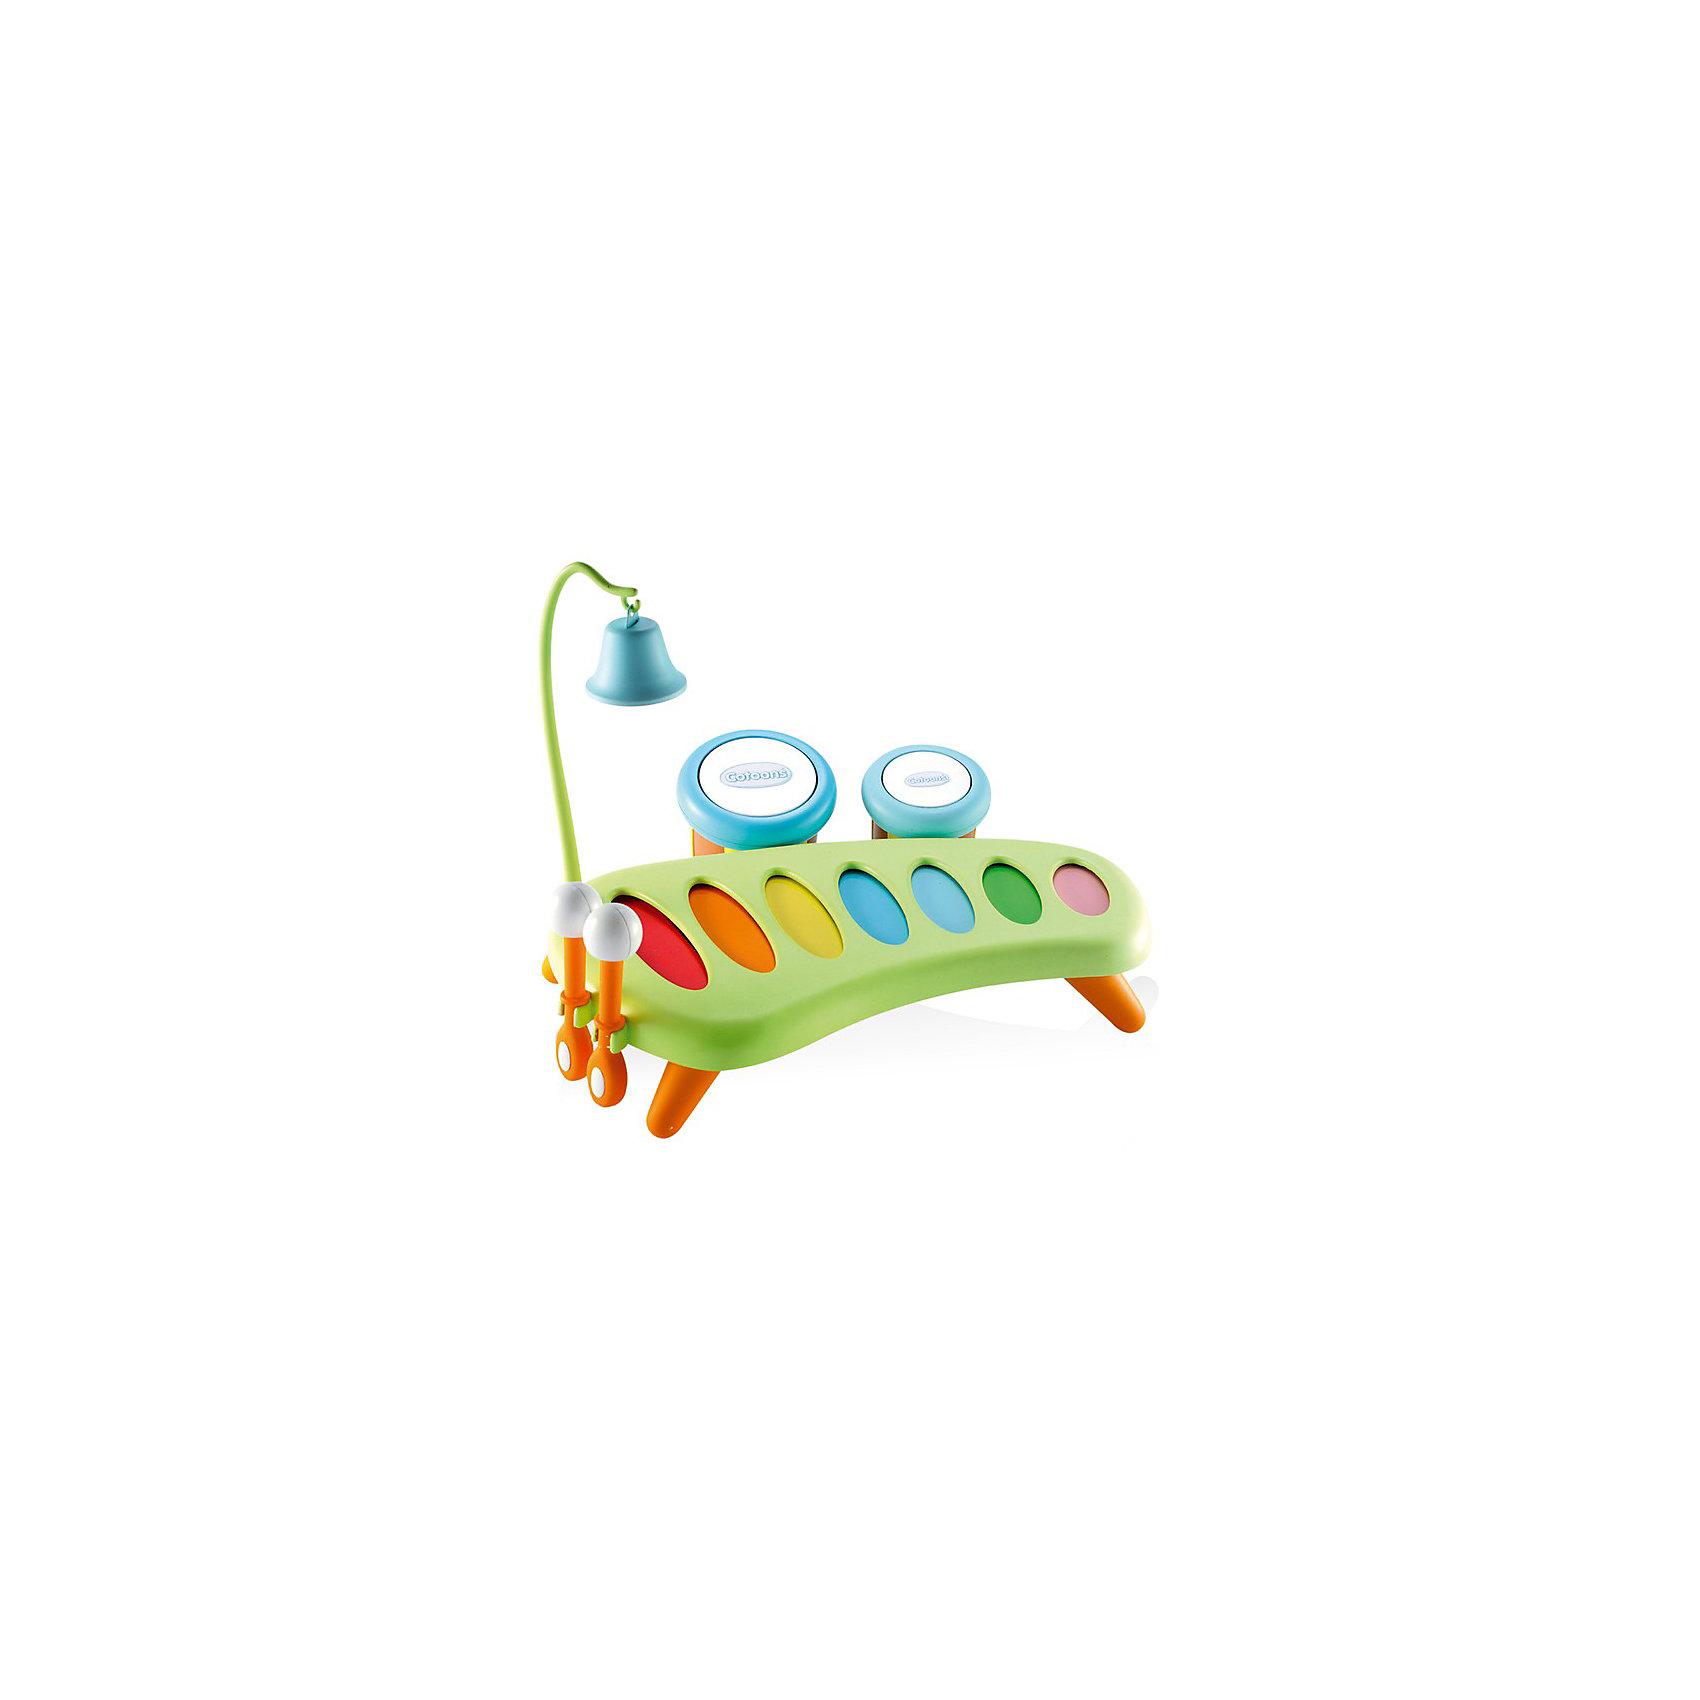 Smoby Cotoons Музыкальный инструмент - ксилофонМузыкальные инструменты и игрушки<br>Ксилофон от Smoby может стать первым музыкальным инструментом Вашего малыша.<br><br>Ксилофон стоит на небольших ножках. Его можно разместить на столике около малыша либо прямо на полу. У ксилофона 7 разноцветных звонких пластин, по которым так весело стучать специальными палочками, создавая свою собственную музыку. На корпусе ксилофона есть места для крепления дополнительных инструментов и для хранения палочек. Звонкий колокольчик занимает особое место в музыкальном наборе. Его звук заворожит любого малыша. Колокольчик крепится на высоком штативе с крючком. У тамбуринов разное звучание, постучите по ним попоременно. После игры они подвешиваются на одной стороне ксилофона. При использовании отдельно тамбурины превращаются в отличные маракасы.<br><br>Дополнительная информация:<br><br>В комплект входят:<br>- ксилофон; <br>- 2 тамбурина (диаметр 7 см и 9 см); <br>- металлический колокольчик с крючком; <br>- 2 палочки (длина 10,5 см). <br><br>Материал: пластмасса, металл.<br><br>Размер:  25 х 31 х 26 см.<br><br>Современная музыкальная игрушка для Вашего ребёнка!<br><br>Ширина мм: 310<br>Глубина мм: 260<br>Высота мм: 250<br>Вес г: 70<br>Возраст от месяцев: 12<br>Возраст до месяцев: 36<br>Пол: Унисекс<br>Возраст: Детский<br>SKU: 2149451